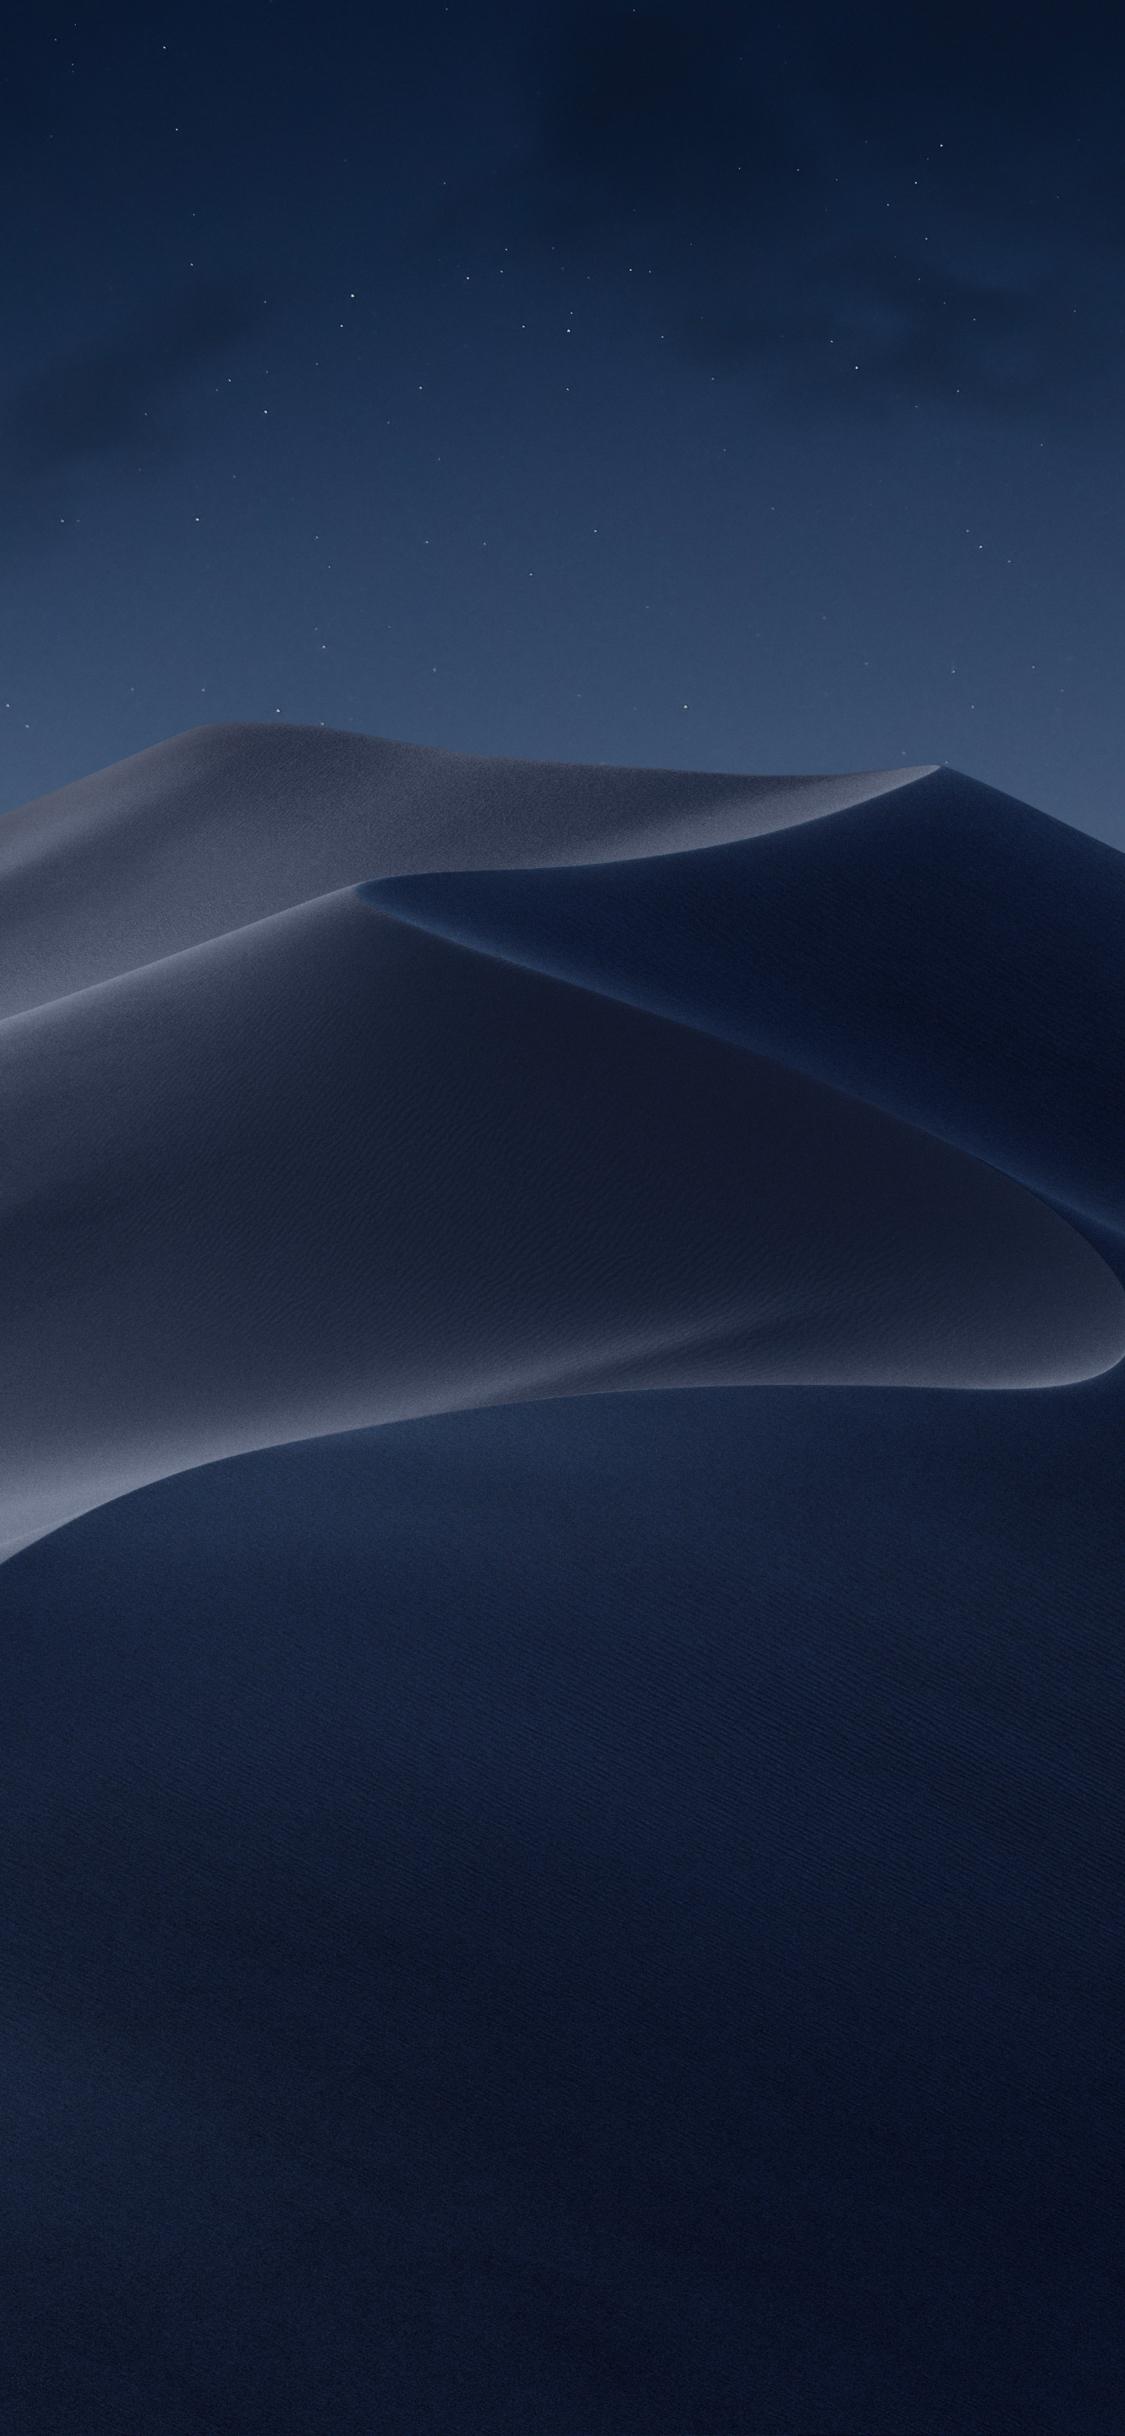 macOS mojave dark iphone wallpaper